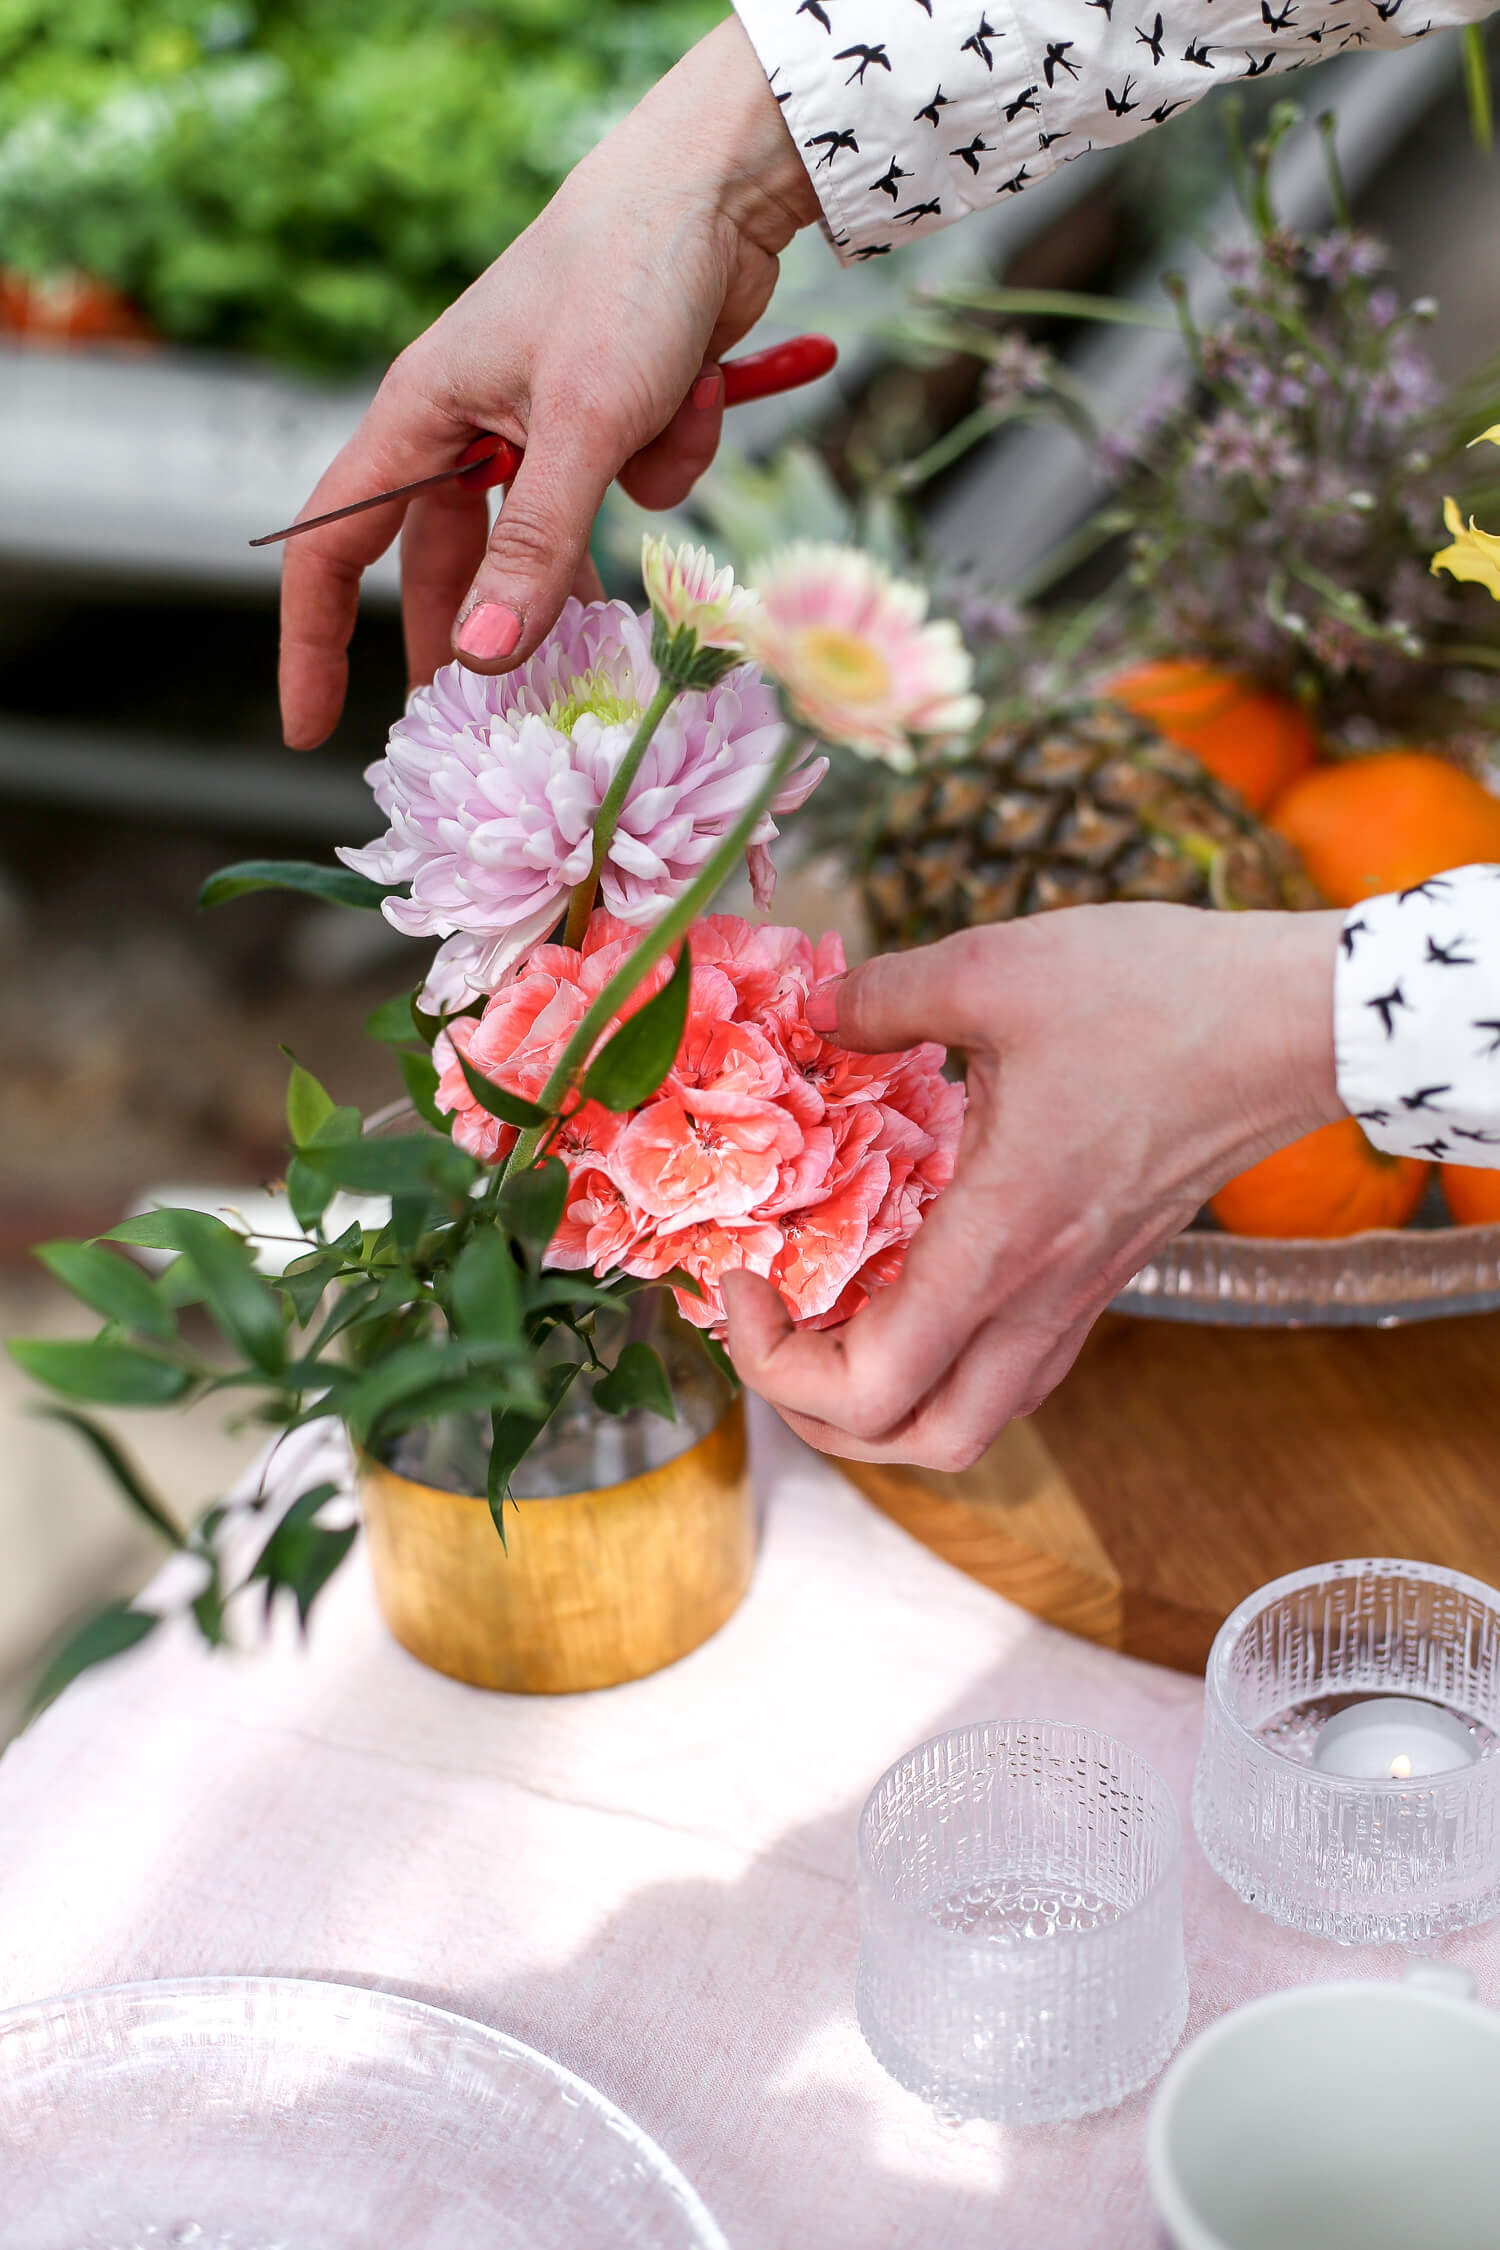 Kukat on aseteltu vapaaseen veteen maljakoihin tässä asetelmassa. Kukkiin vedetään uusi viisto imupinta, kun se laitetaan veteen, jotta se kestää hyvin ja imee vettä.